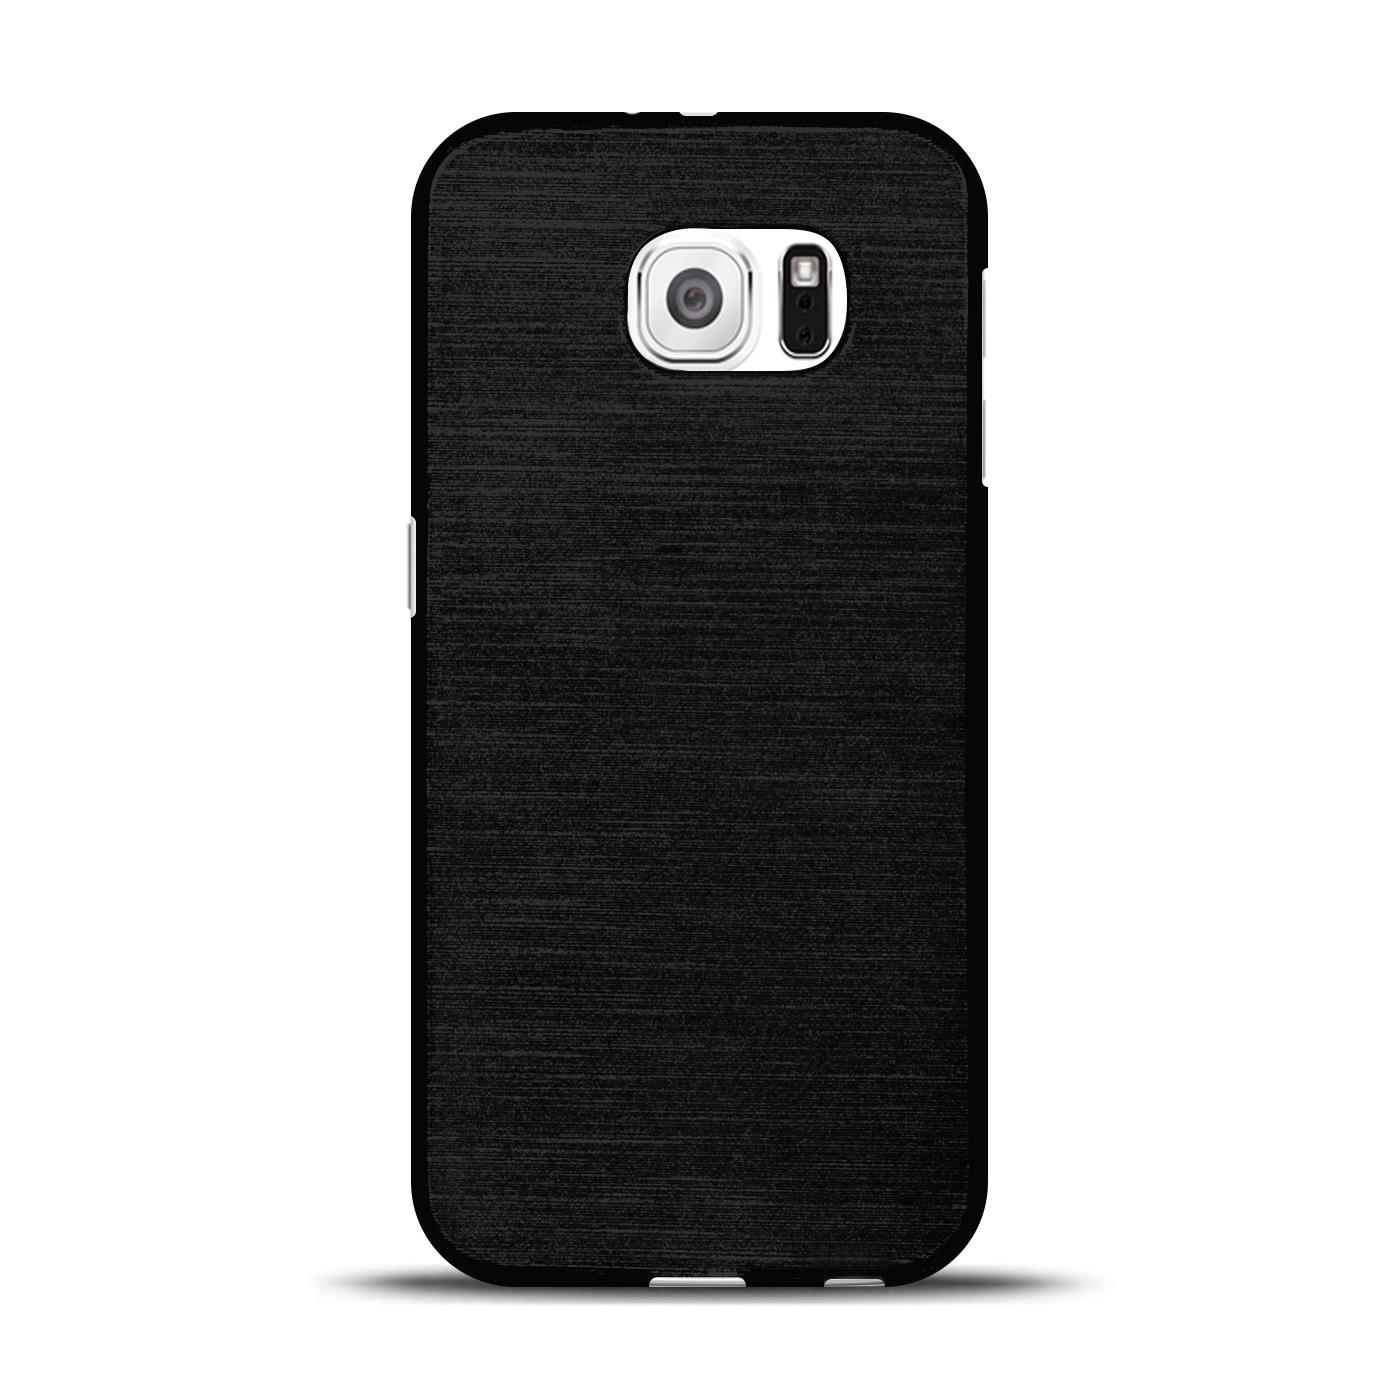 Silikon-Bumper-Case-fuer-Samsung-Galaxy-s6-duenne-ultra-slim-Stossfeste-Rueckschale Indexbild 38